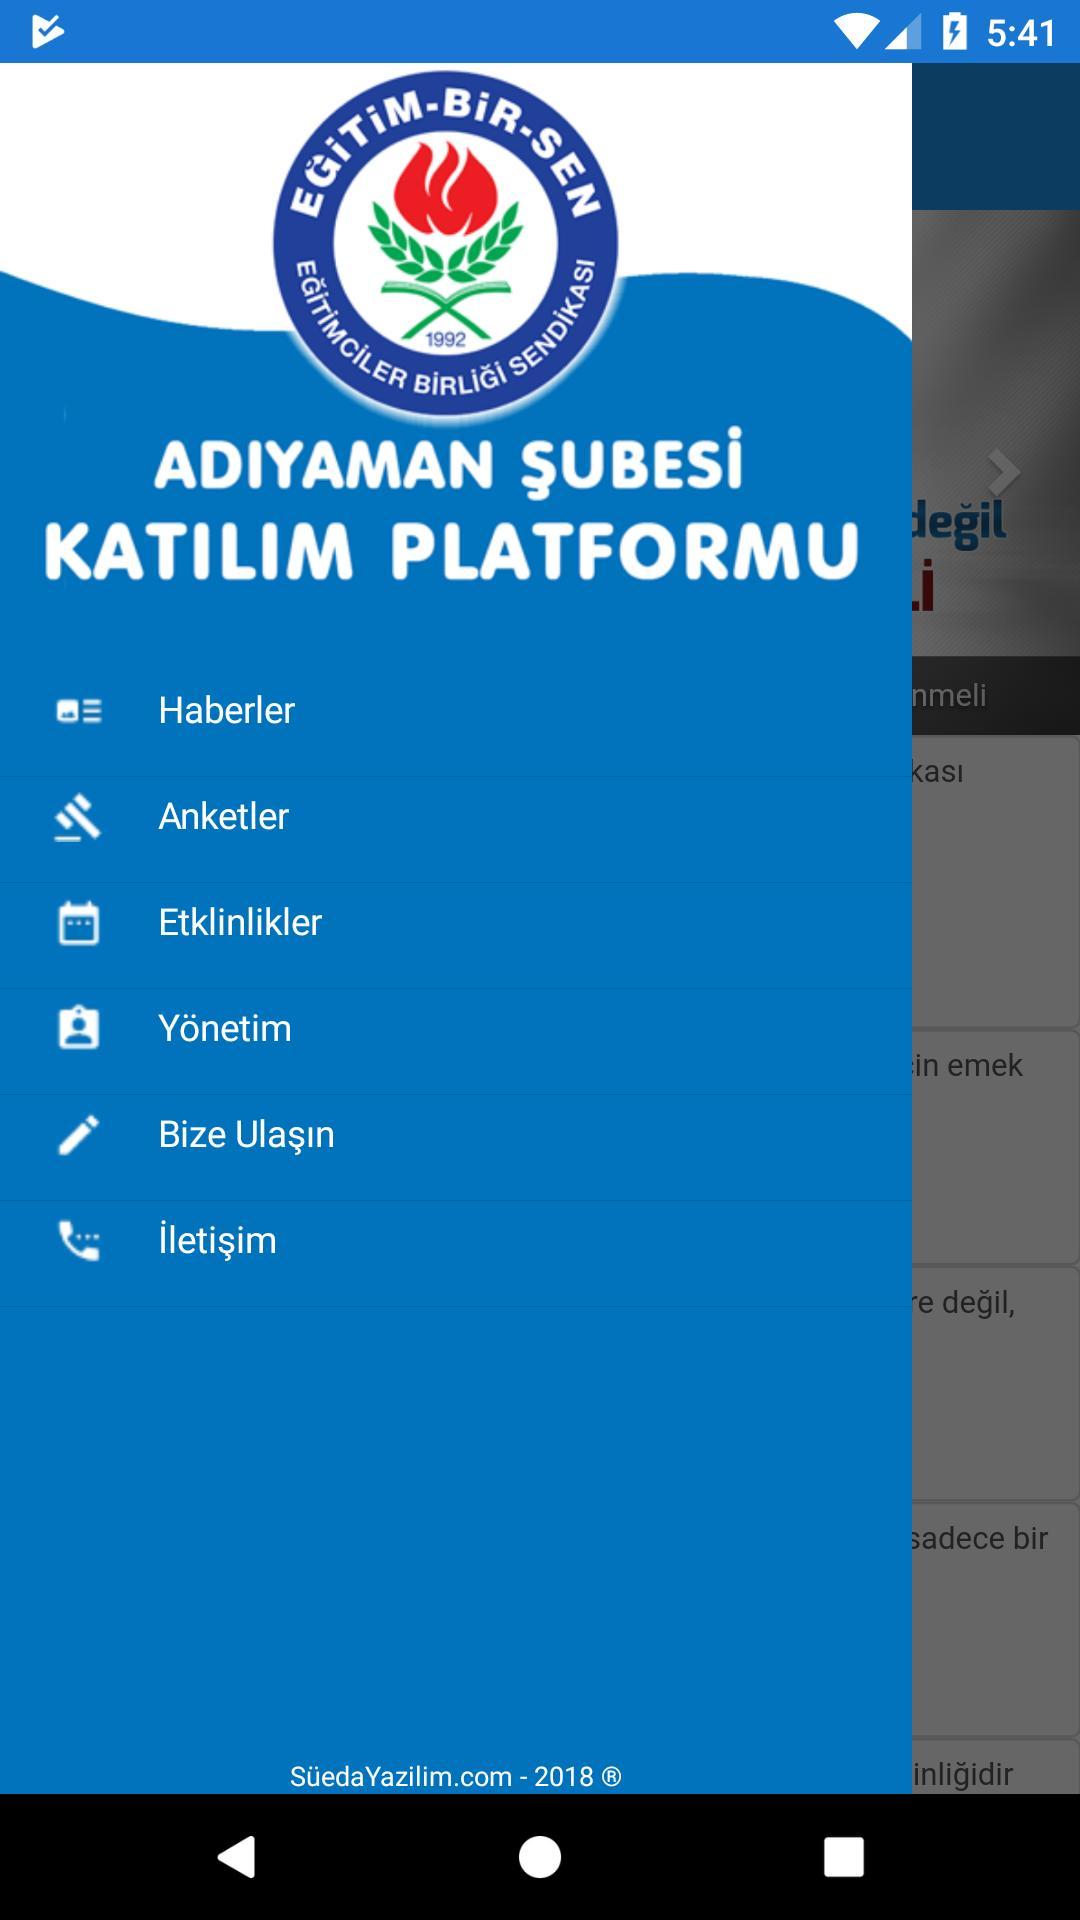 EBS Adıyaman Katılım Platformu poster